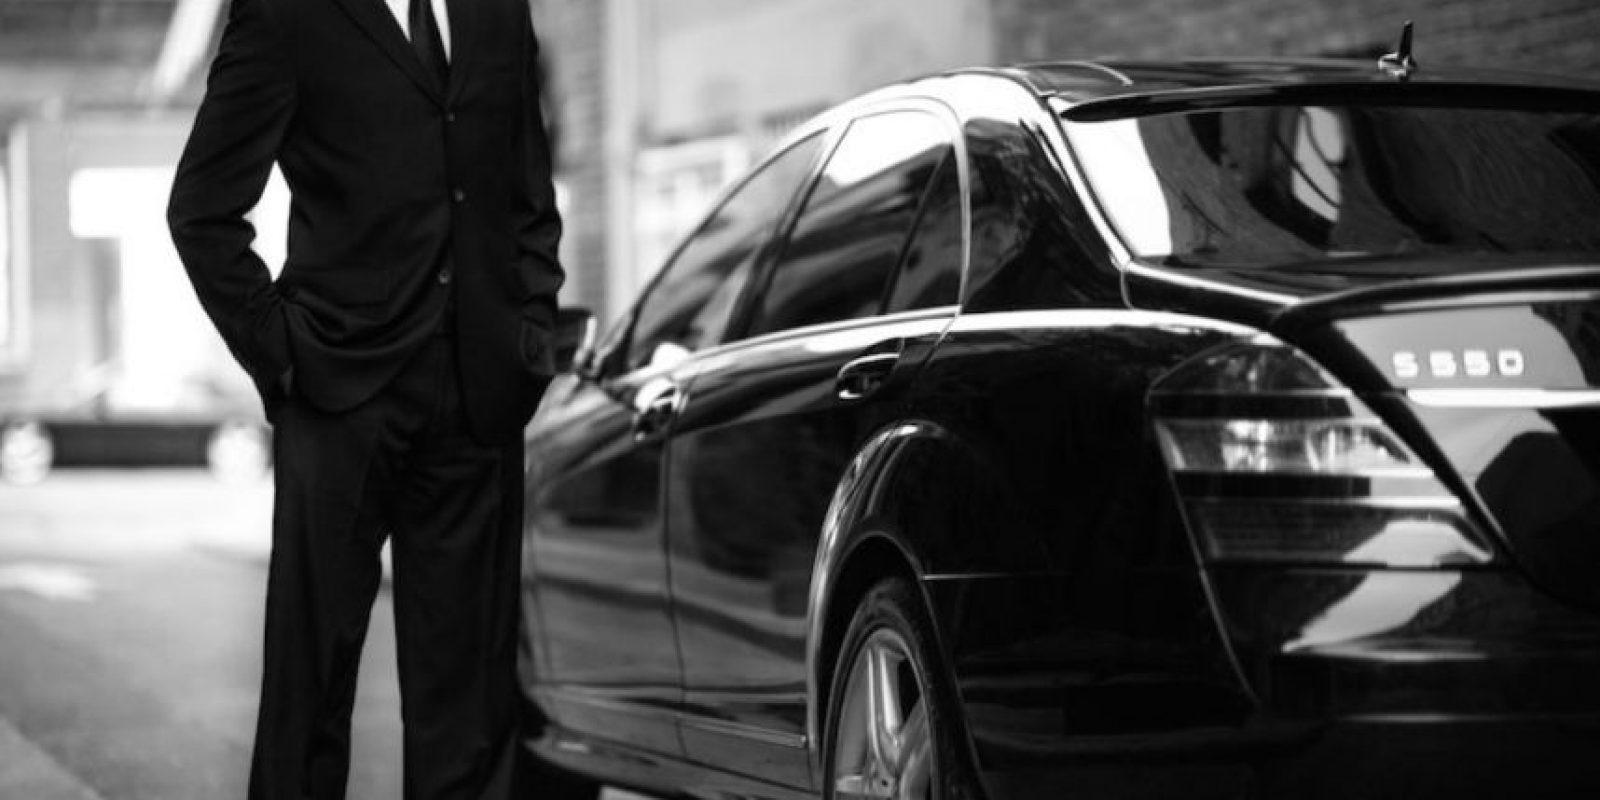 Conductores revelan la forma en que defraudan a Uber. Foto:Uber